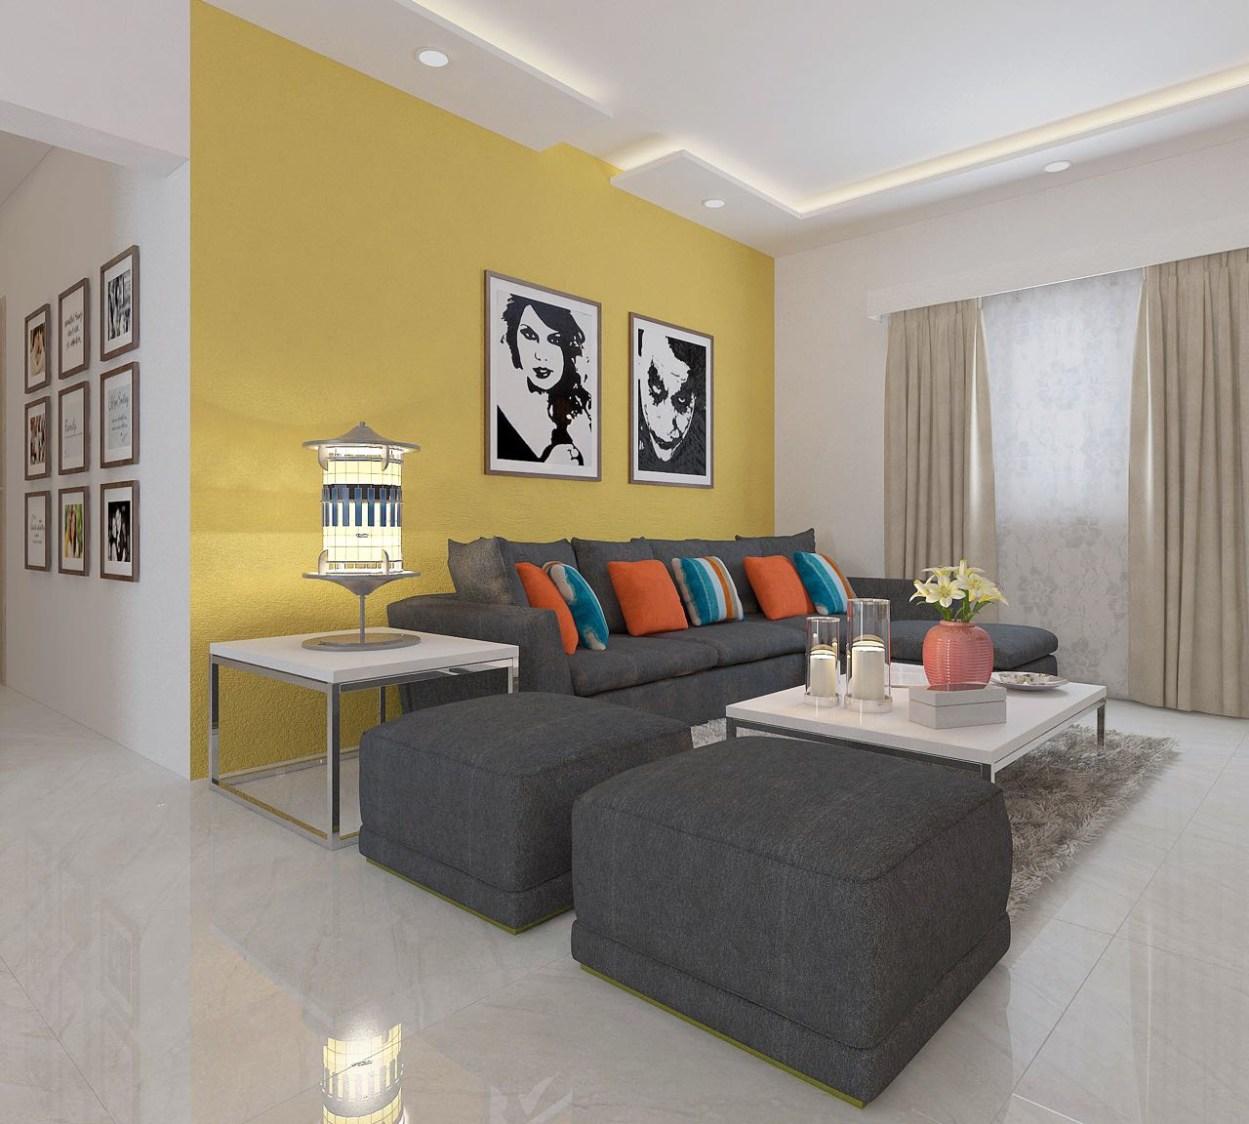 Modern Living Room with Elegant Decor by 100krafts Living-room Contemporary | Interior Design Photos & Ideas